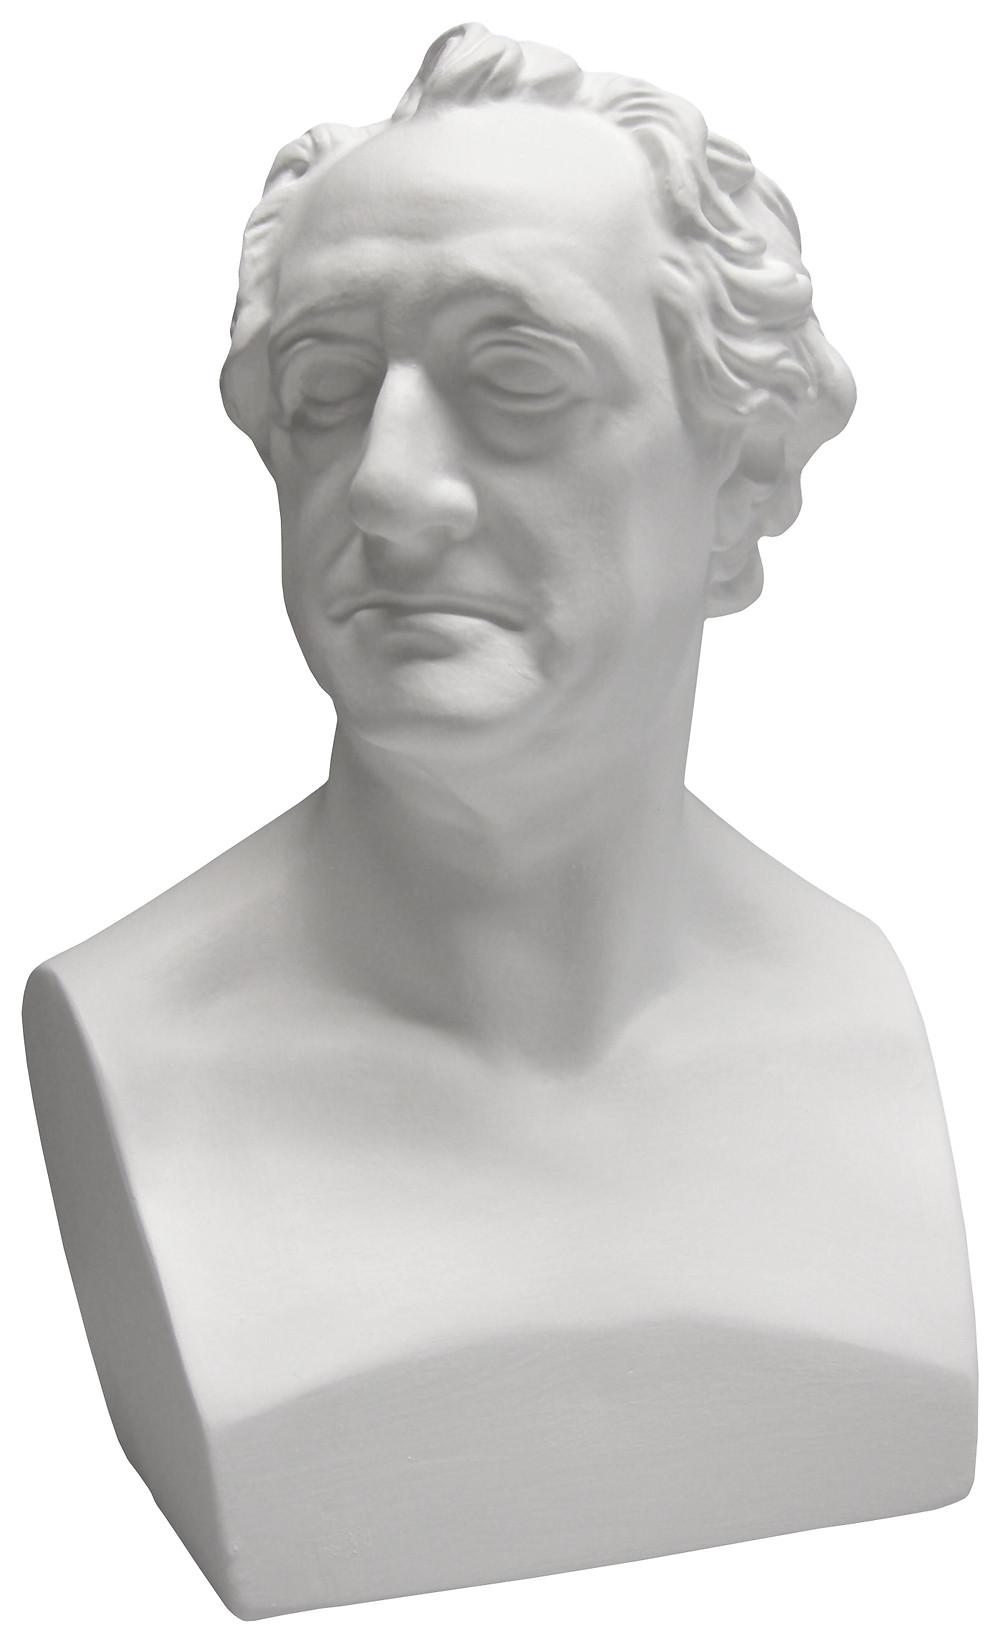 Replik der Goethe-Büste nach C.D. Rauch (1820), handgegossen